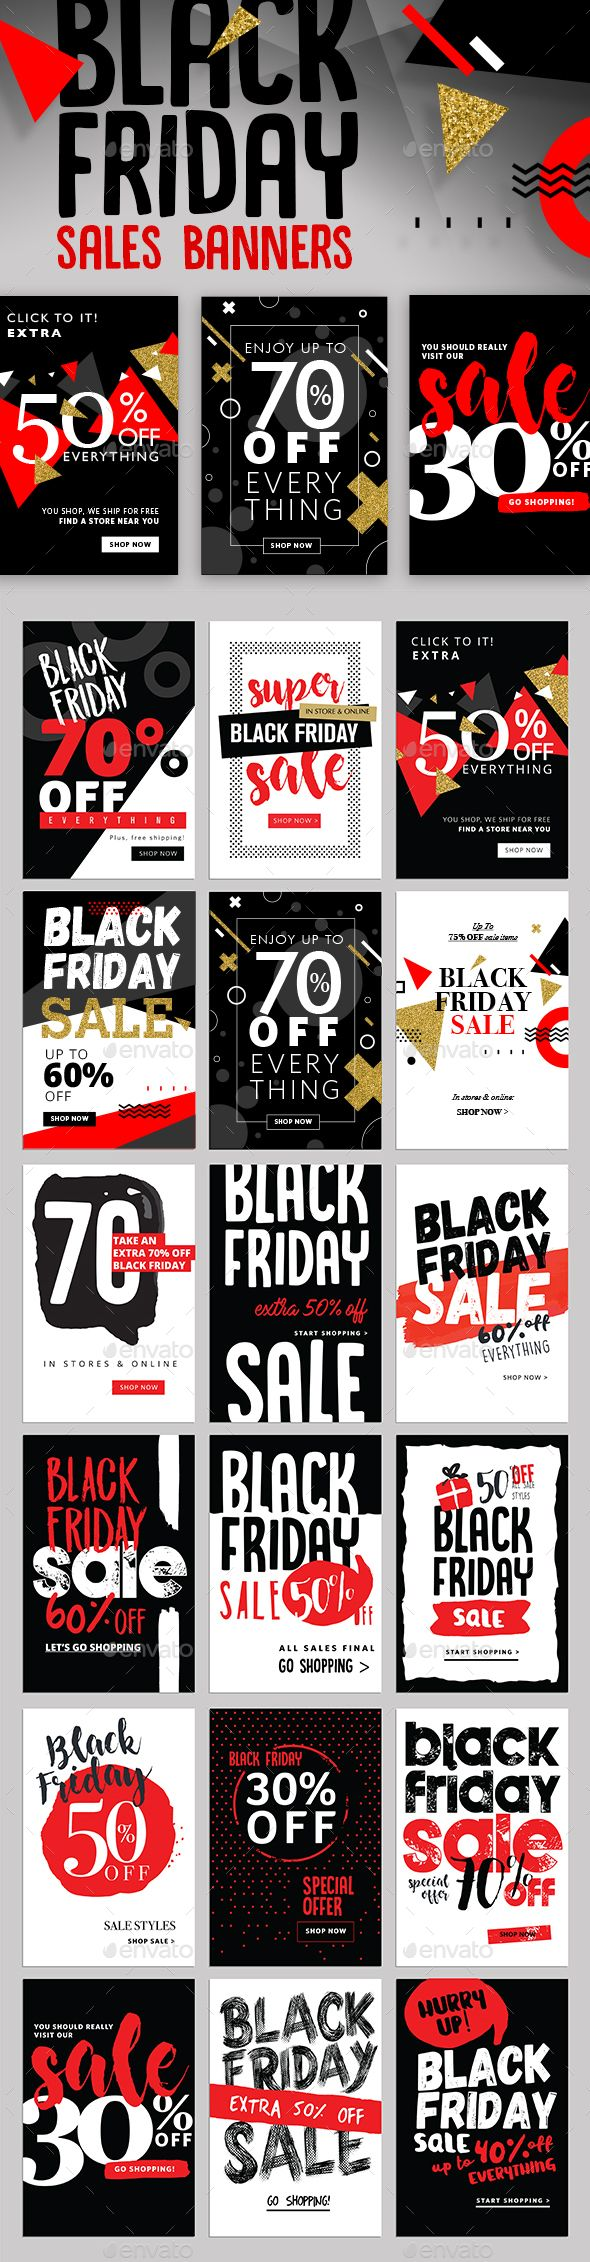 Design large banner in illustrator - Black Friday Sales Banners